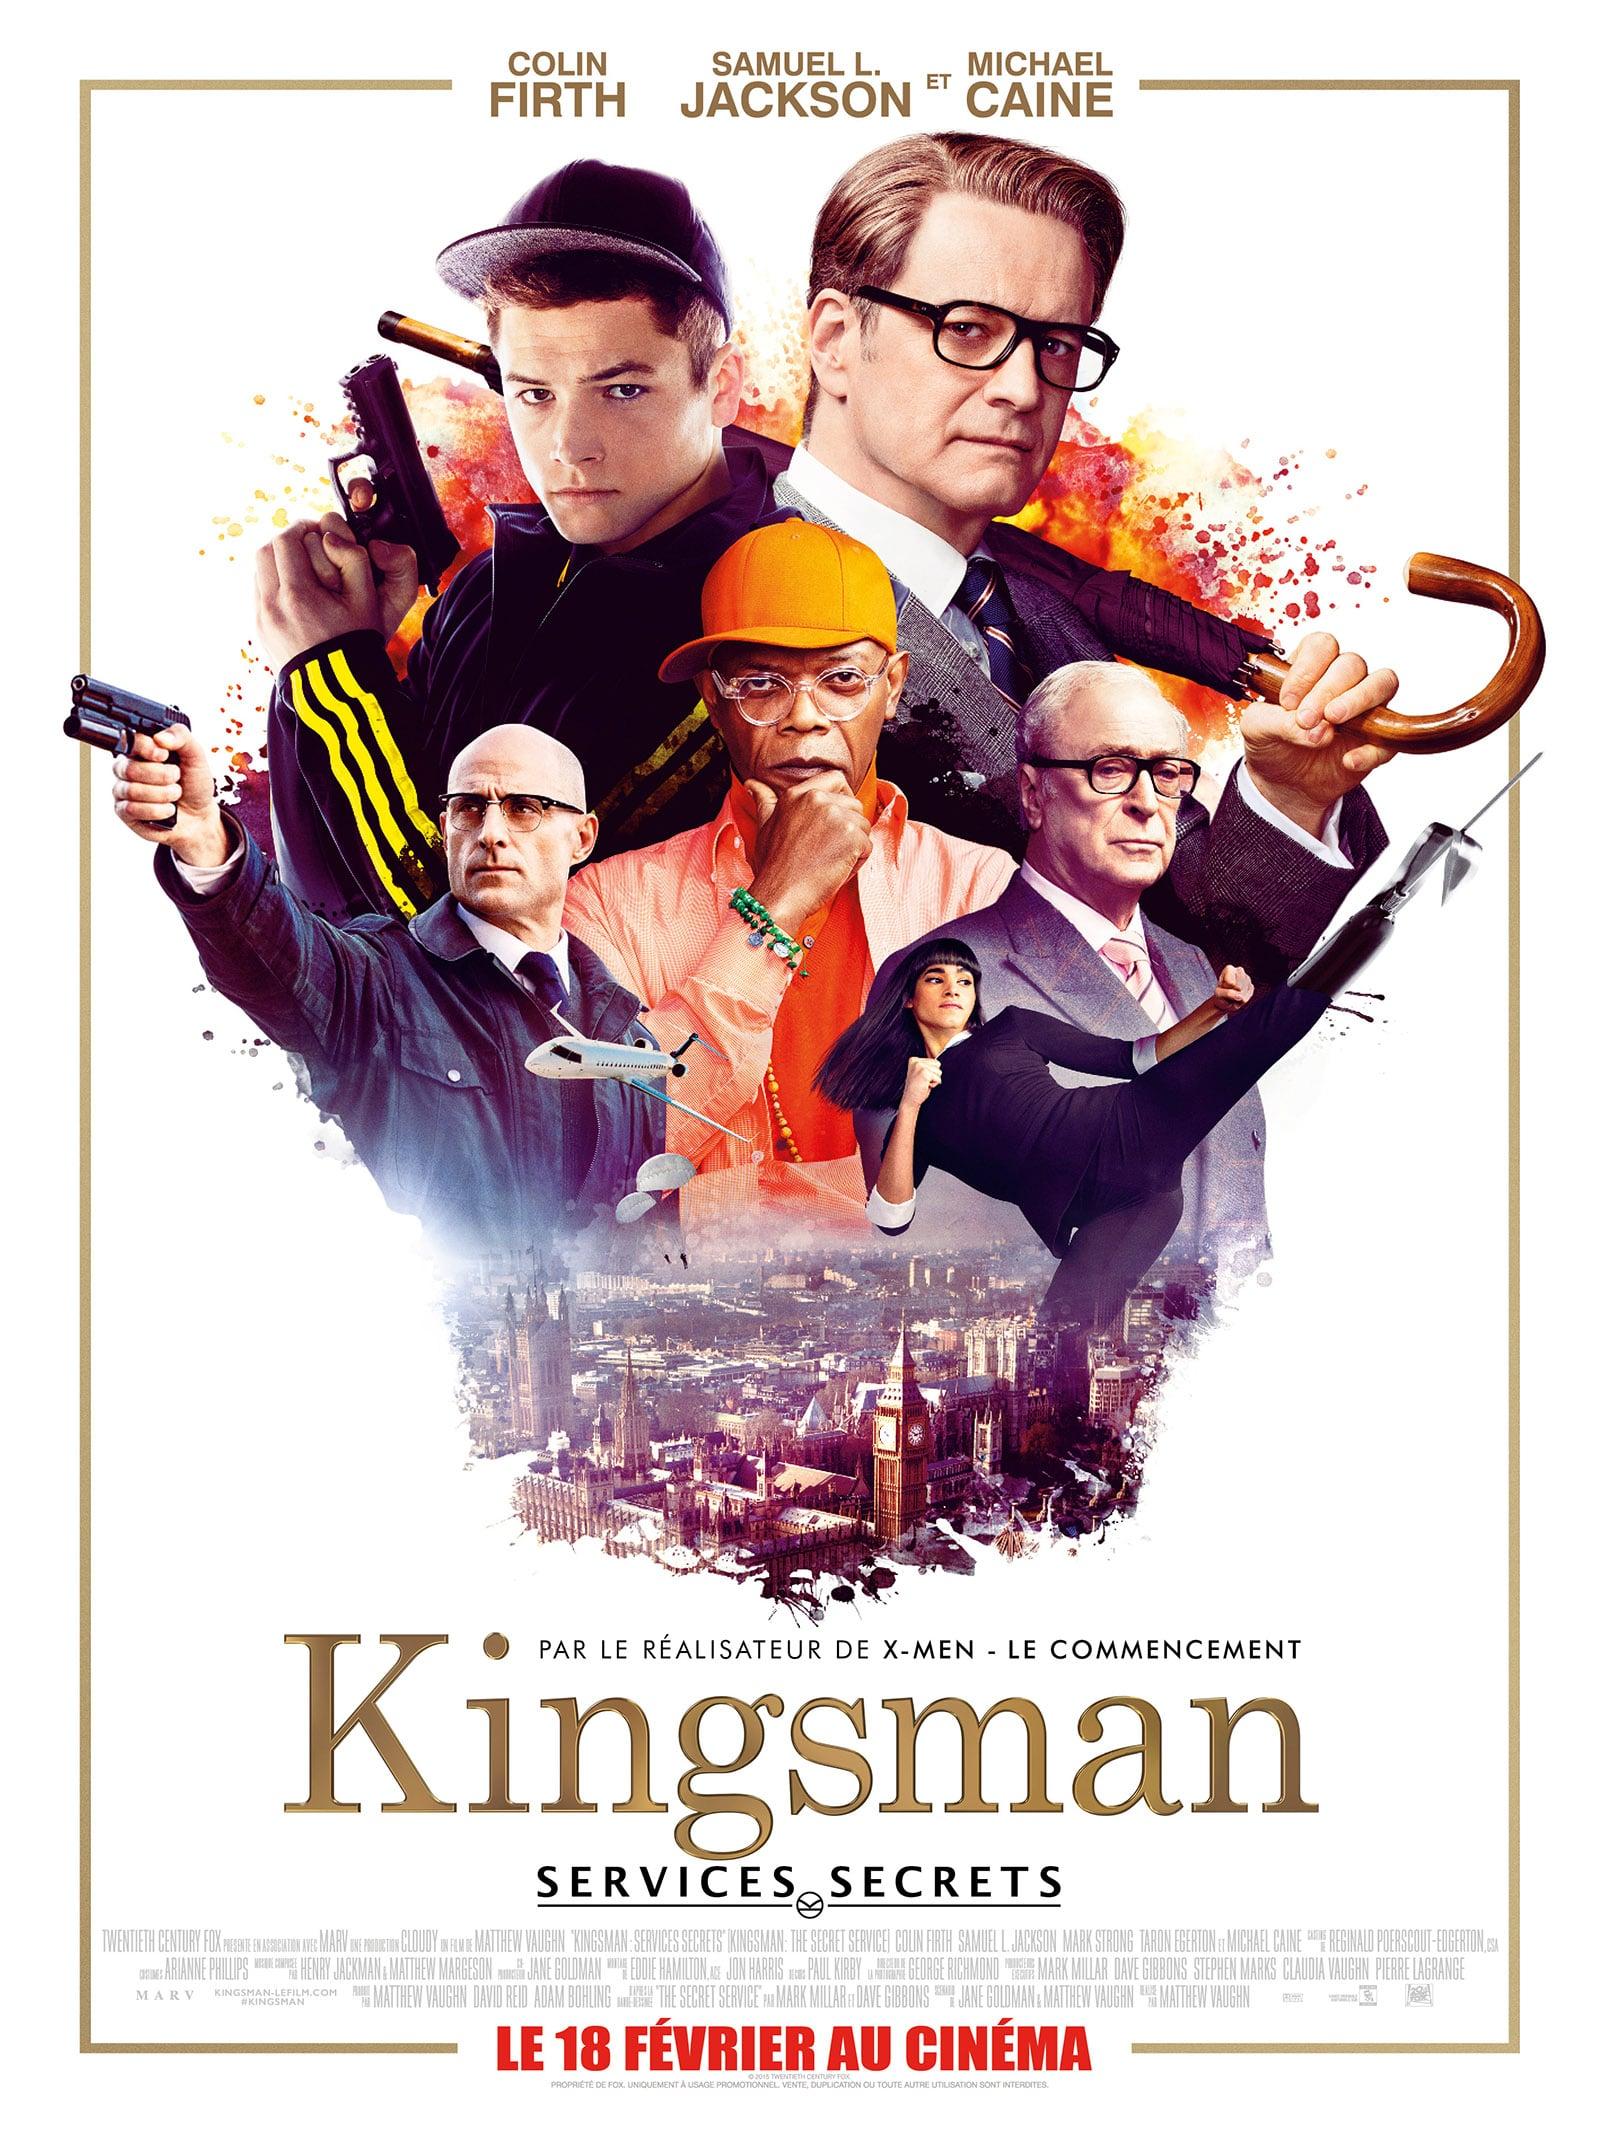 Affiche Kingsman Services Secrets